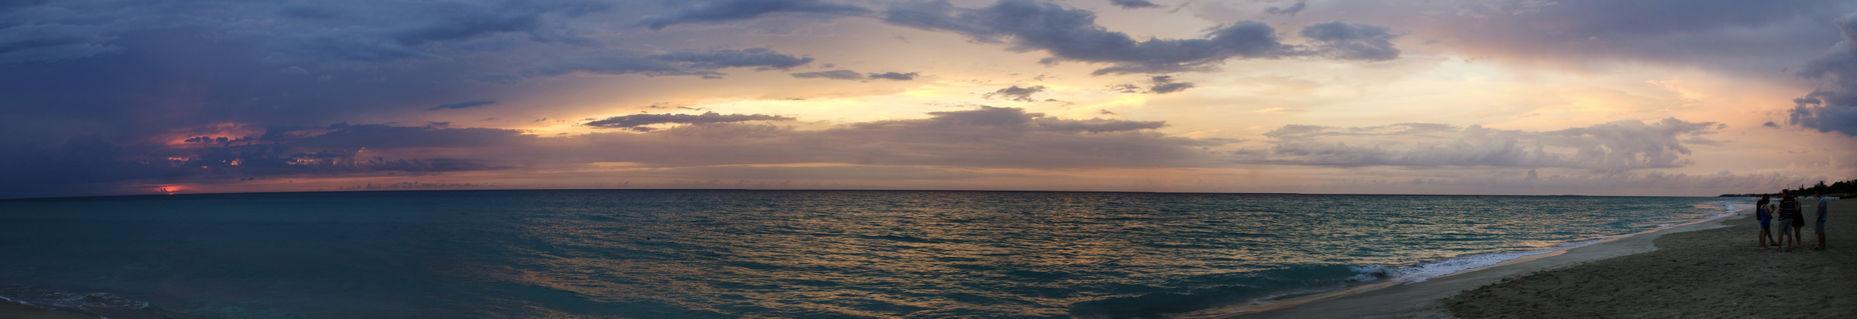 Cuban-beach-sunset-panorama